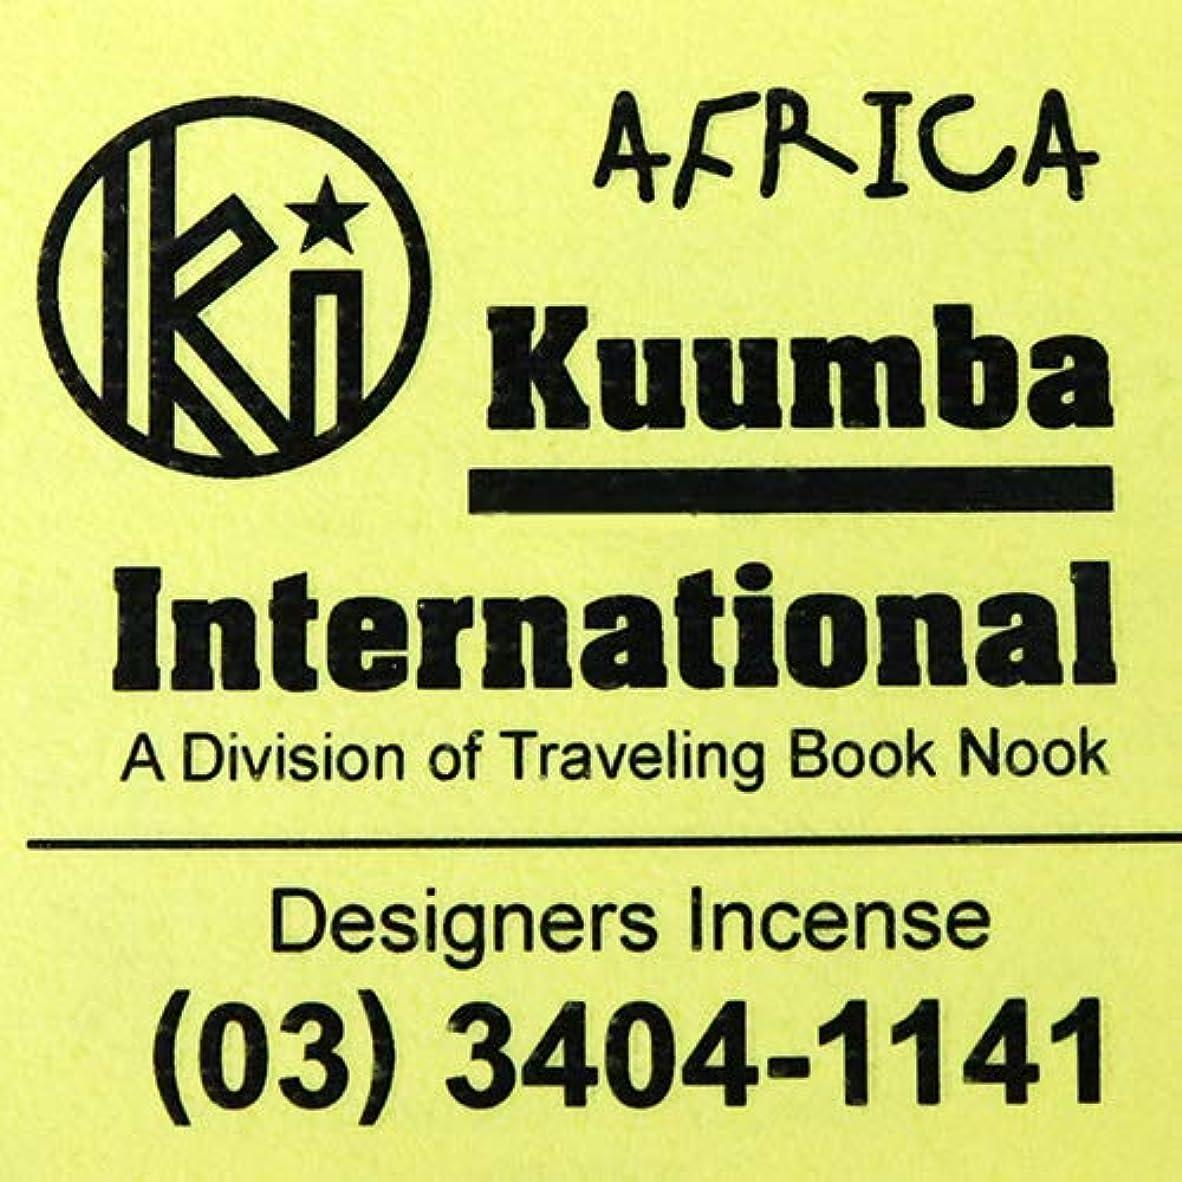 慈悲深い誰かスタウト(クンバ) KUUMBA『incense』(AFRICA) (AFRICA, Regular size)